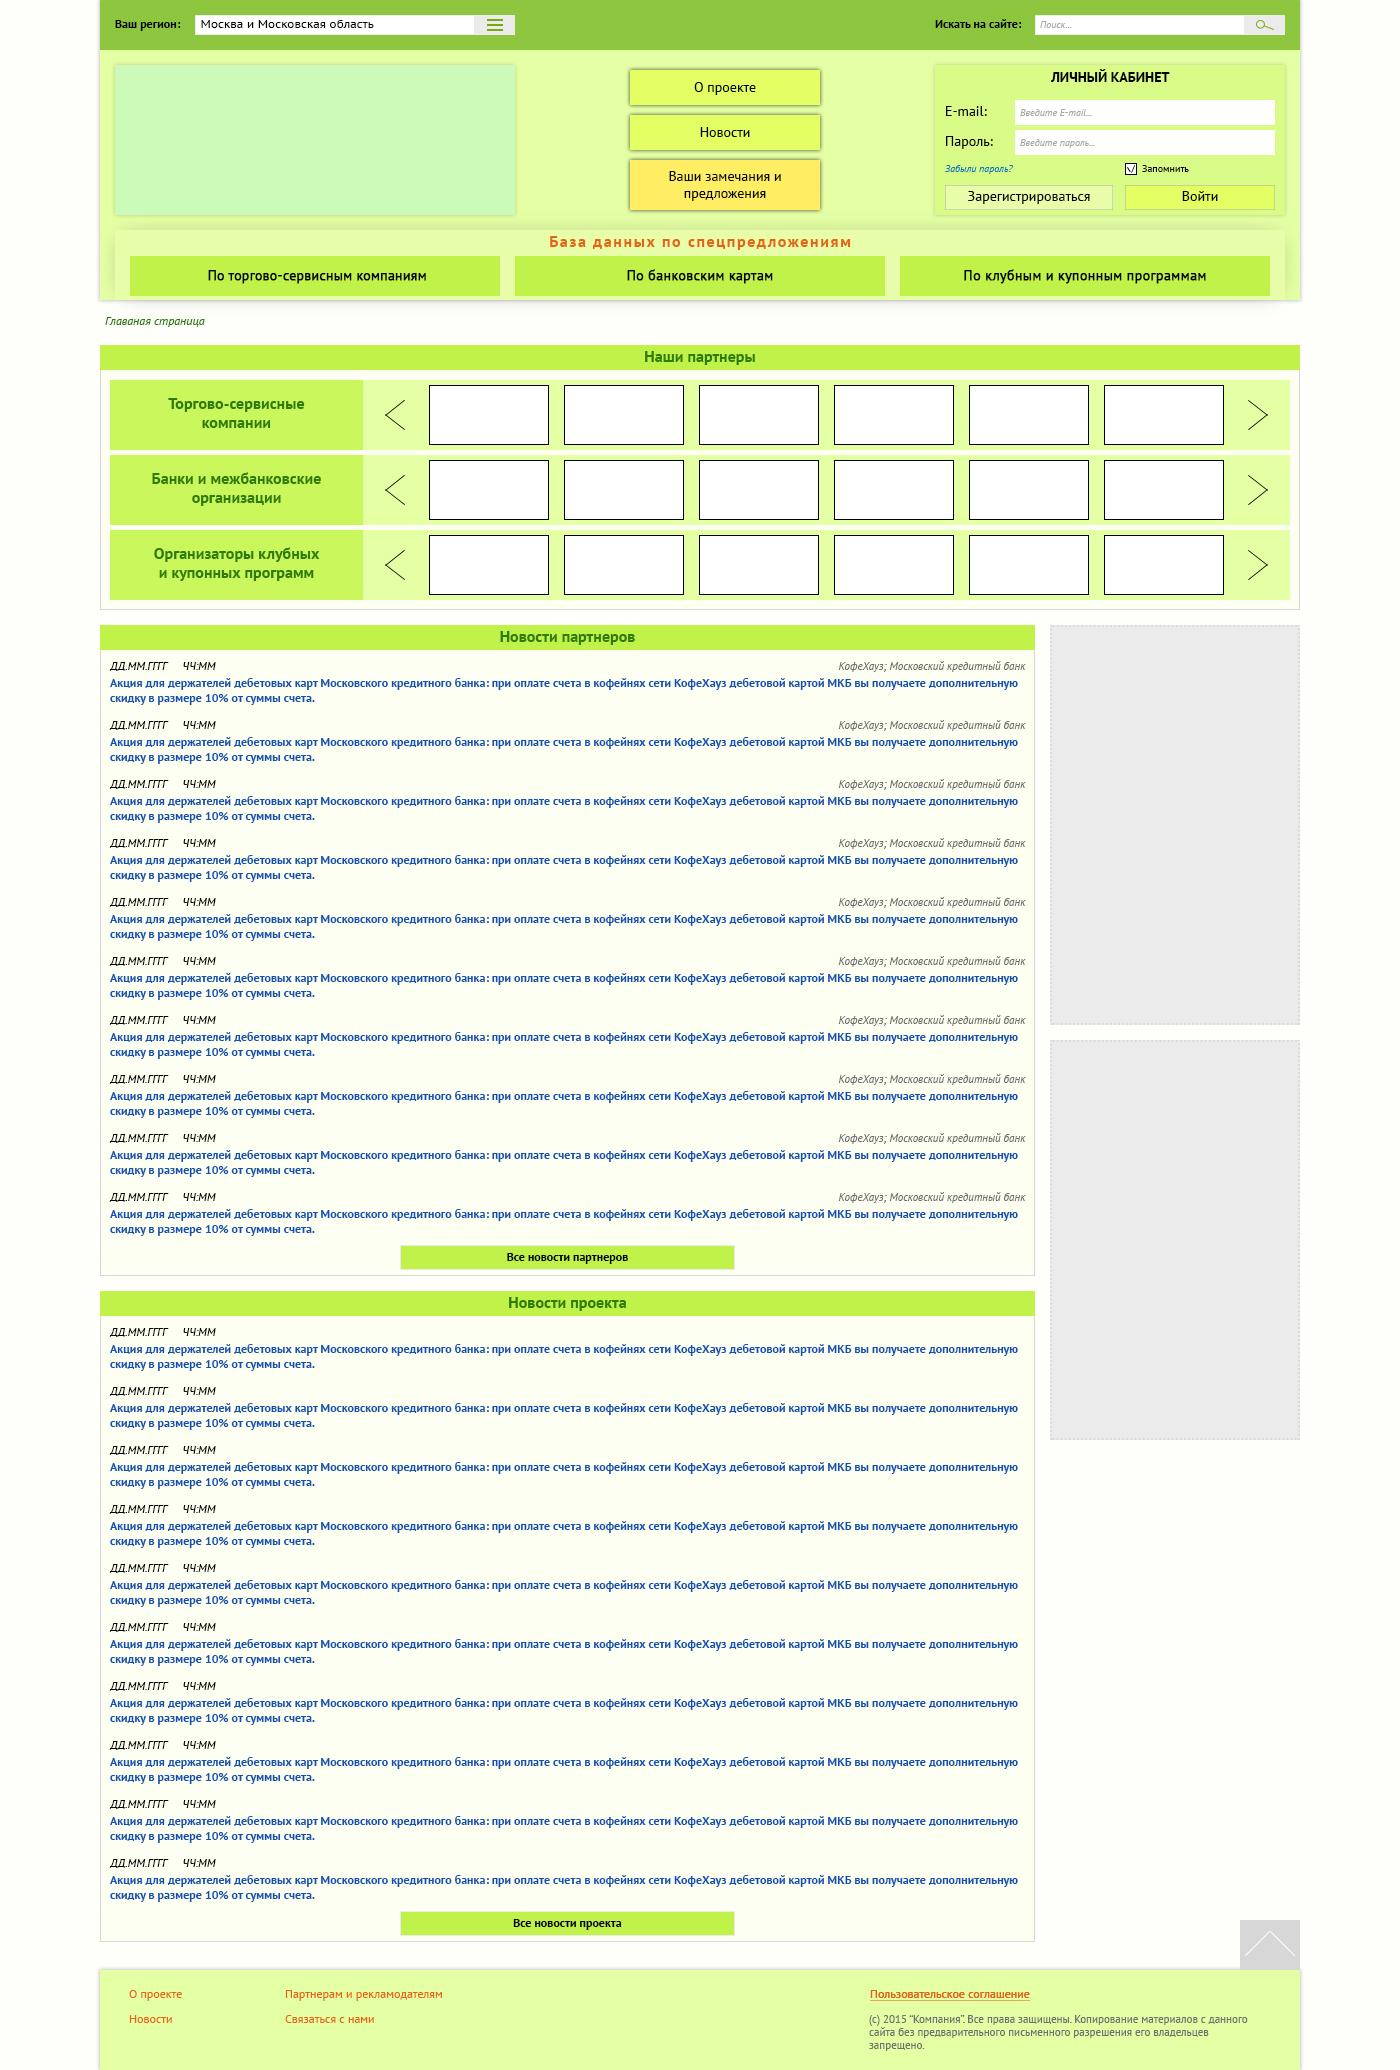 Верстка сайта с применением jquery и php